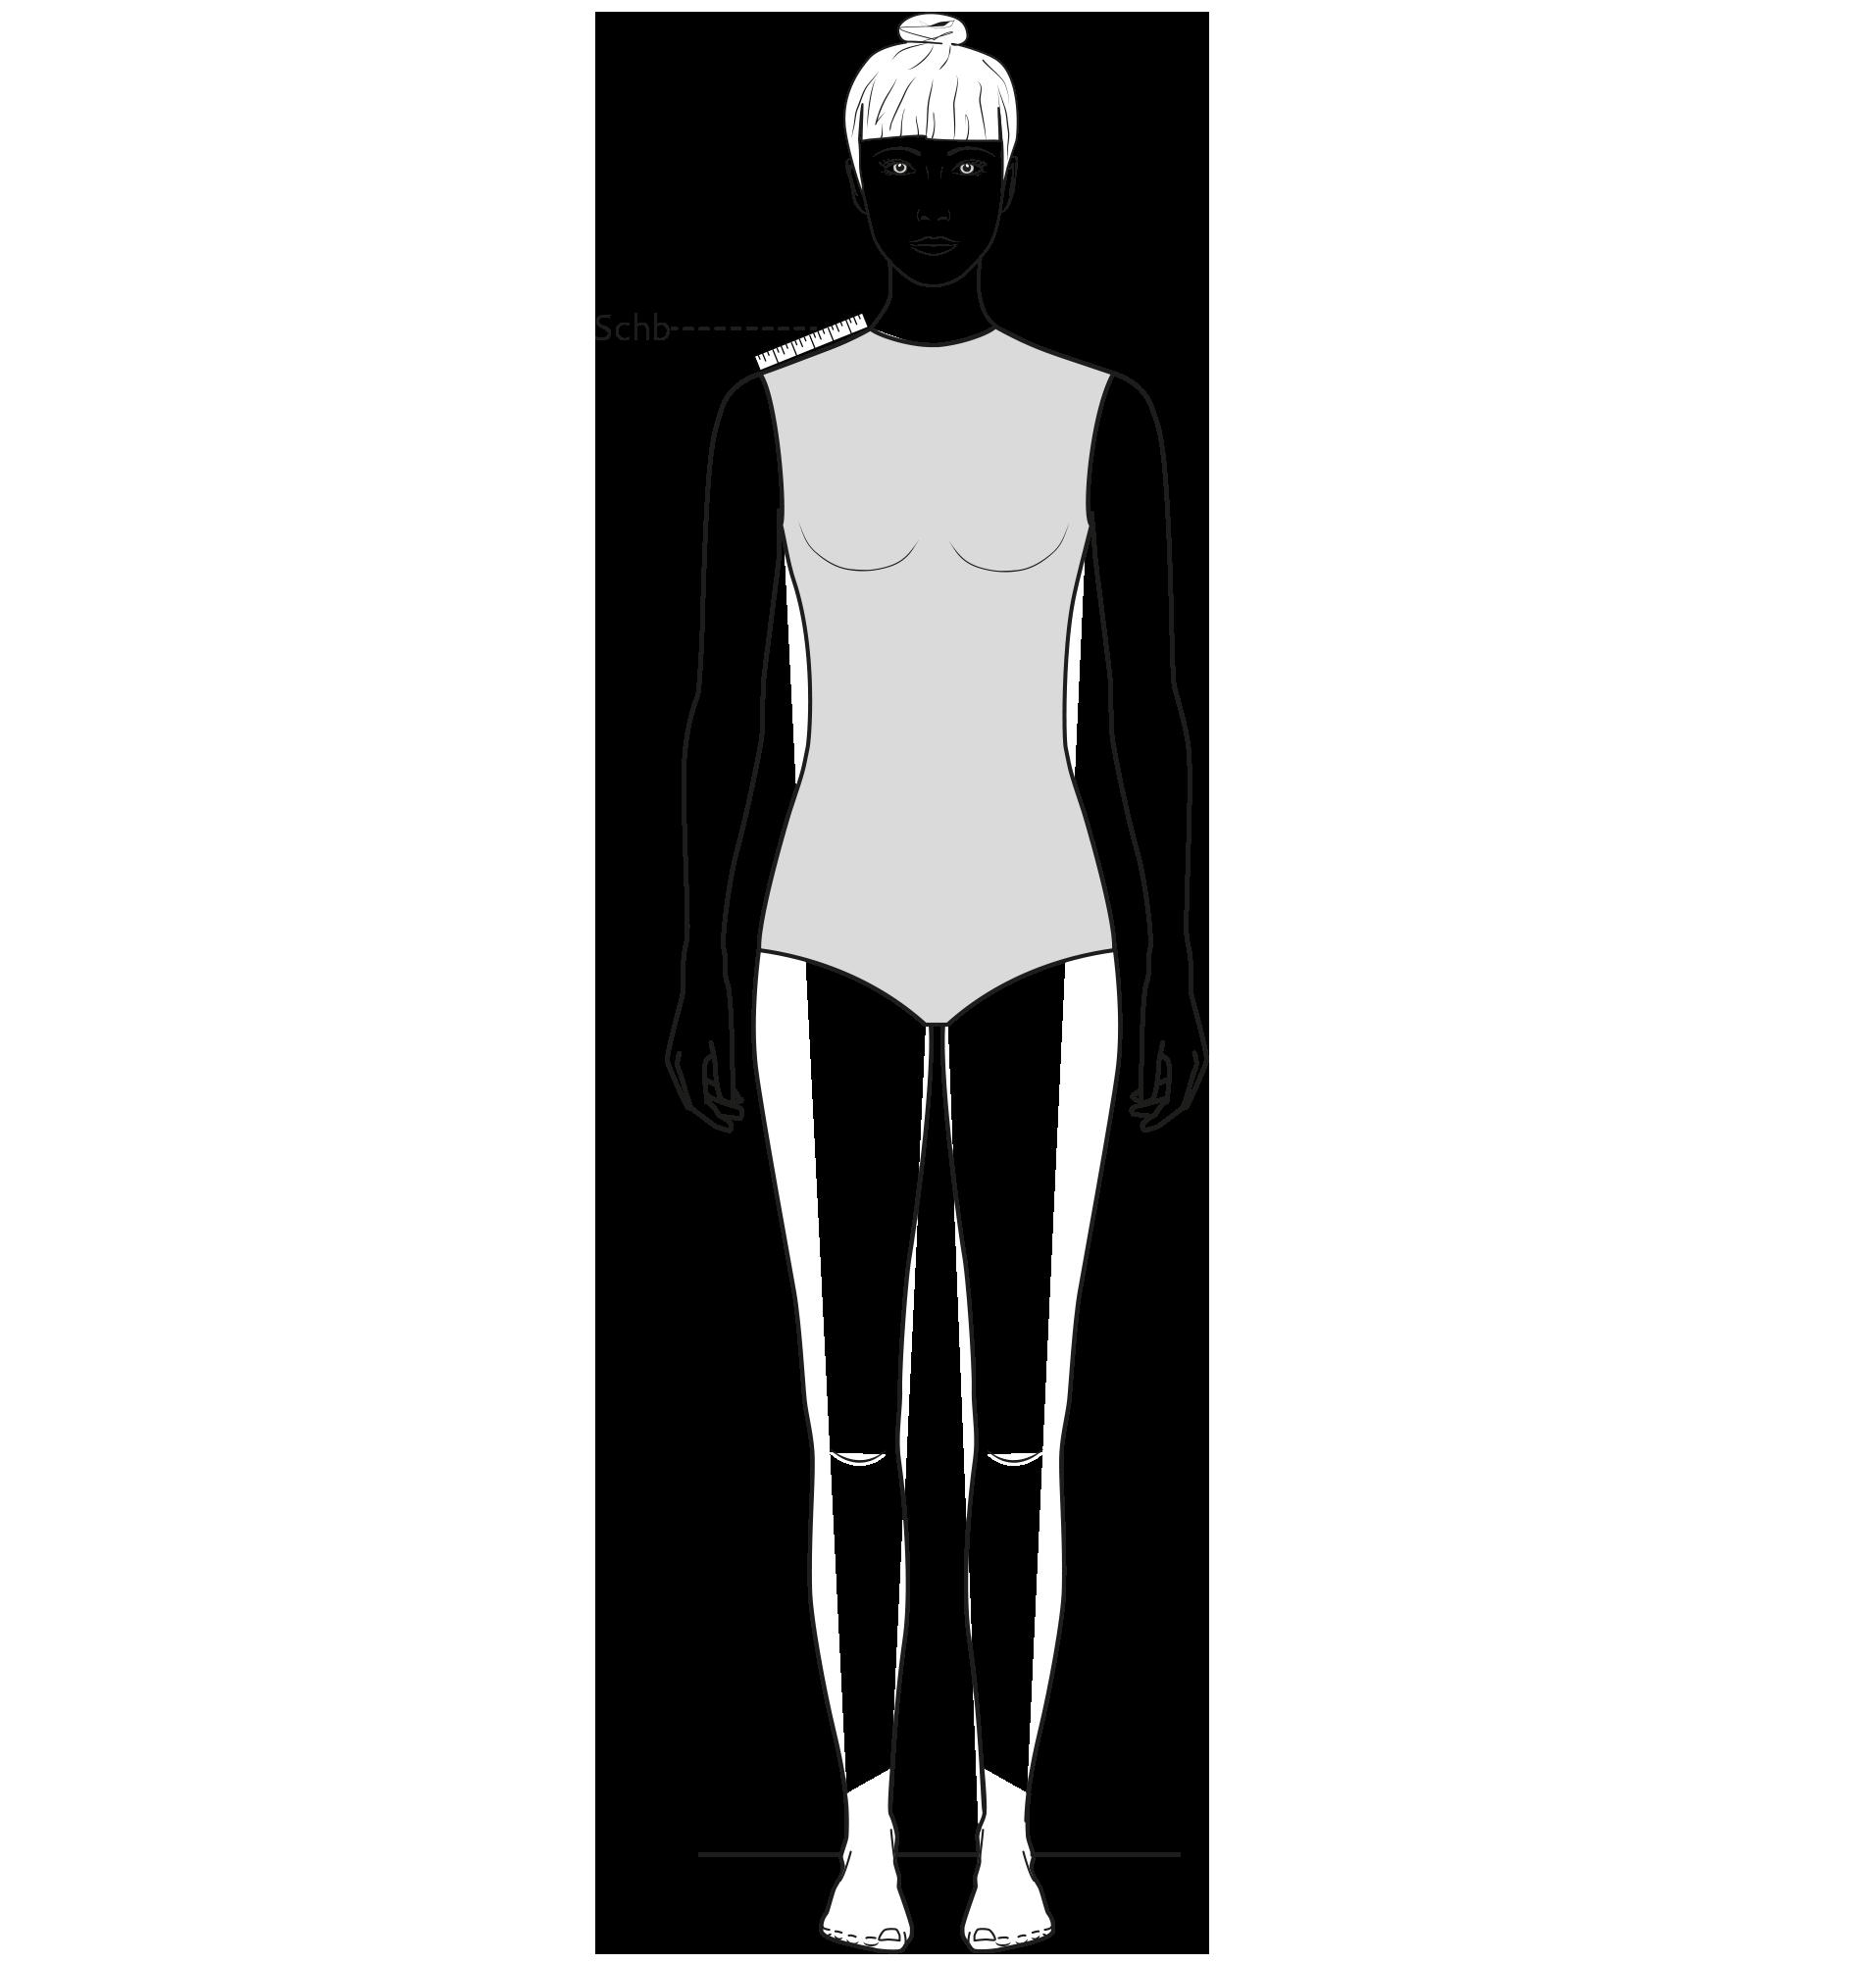 Diese Zeichnung zeigt das Messen der Schulterbreite.